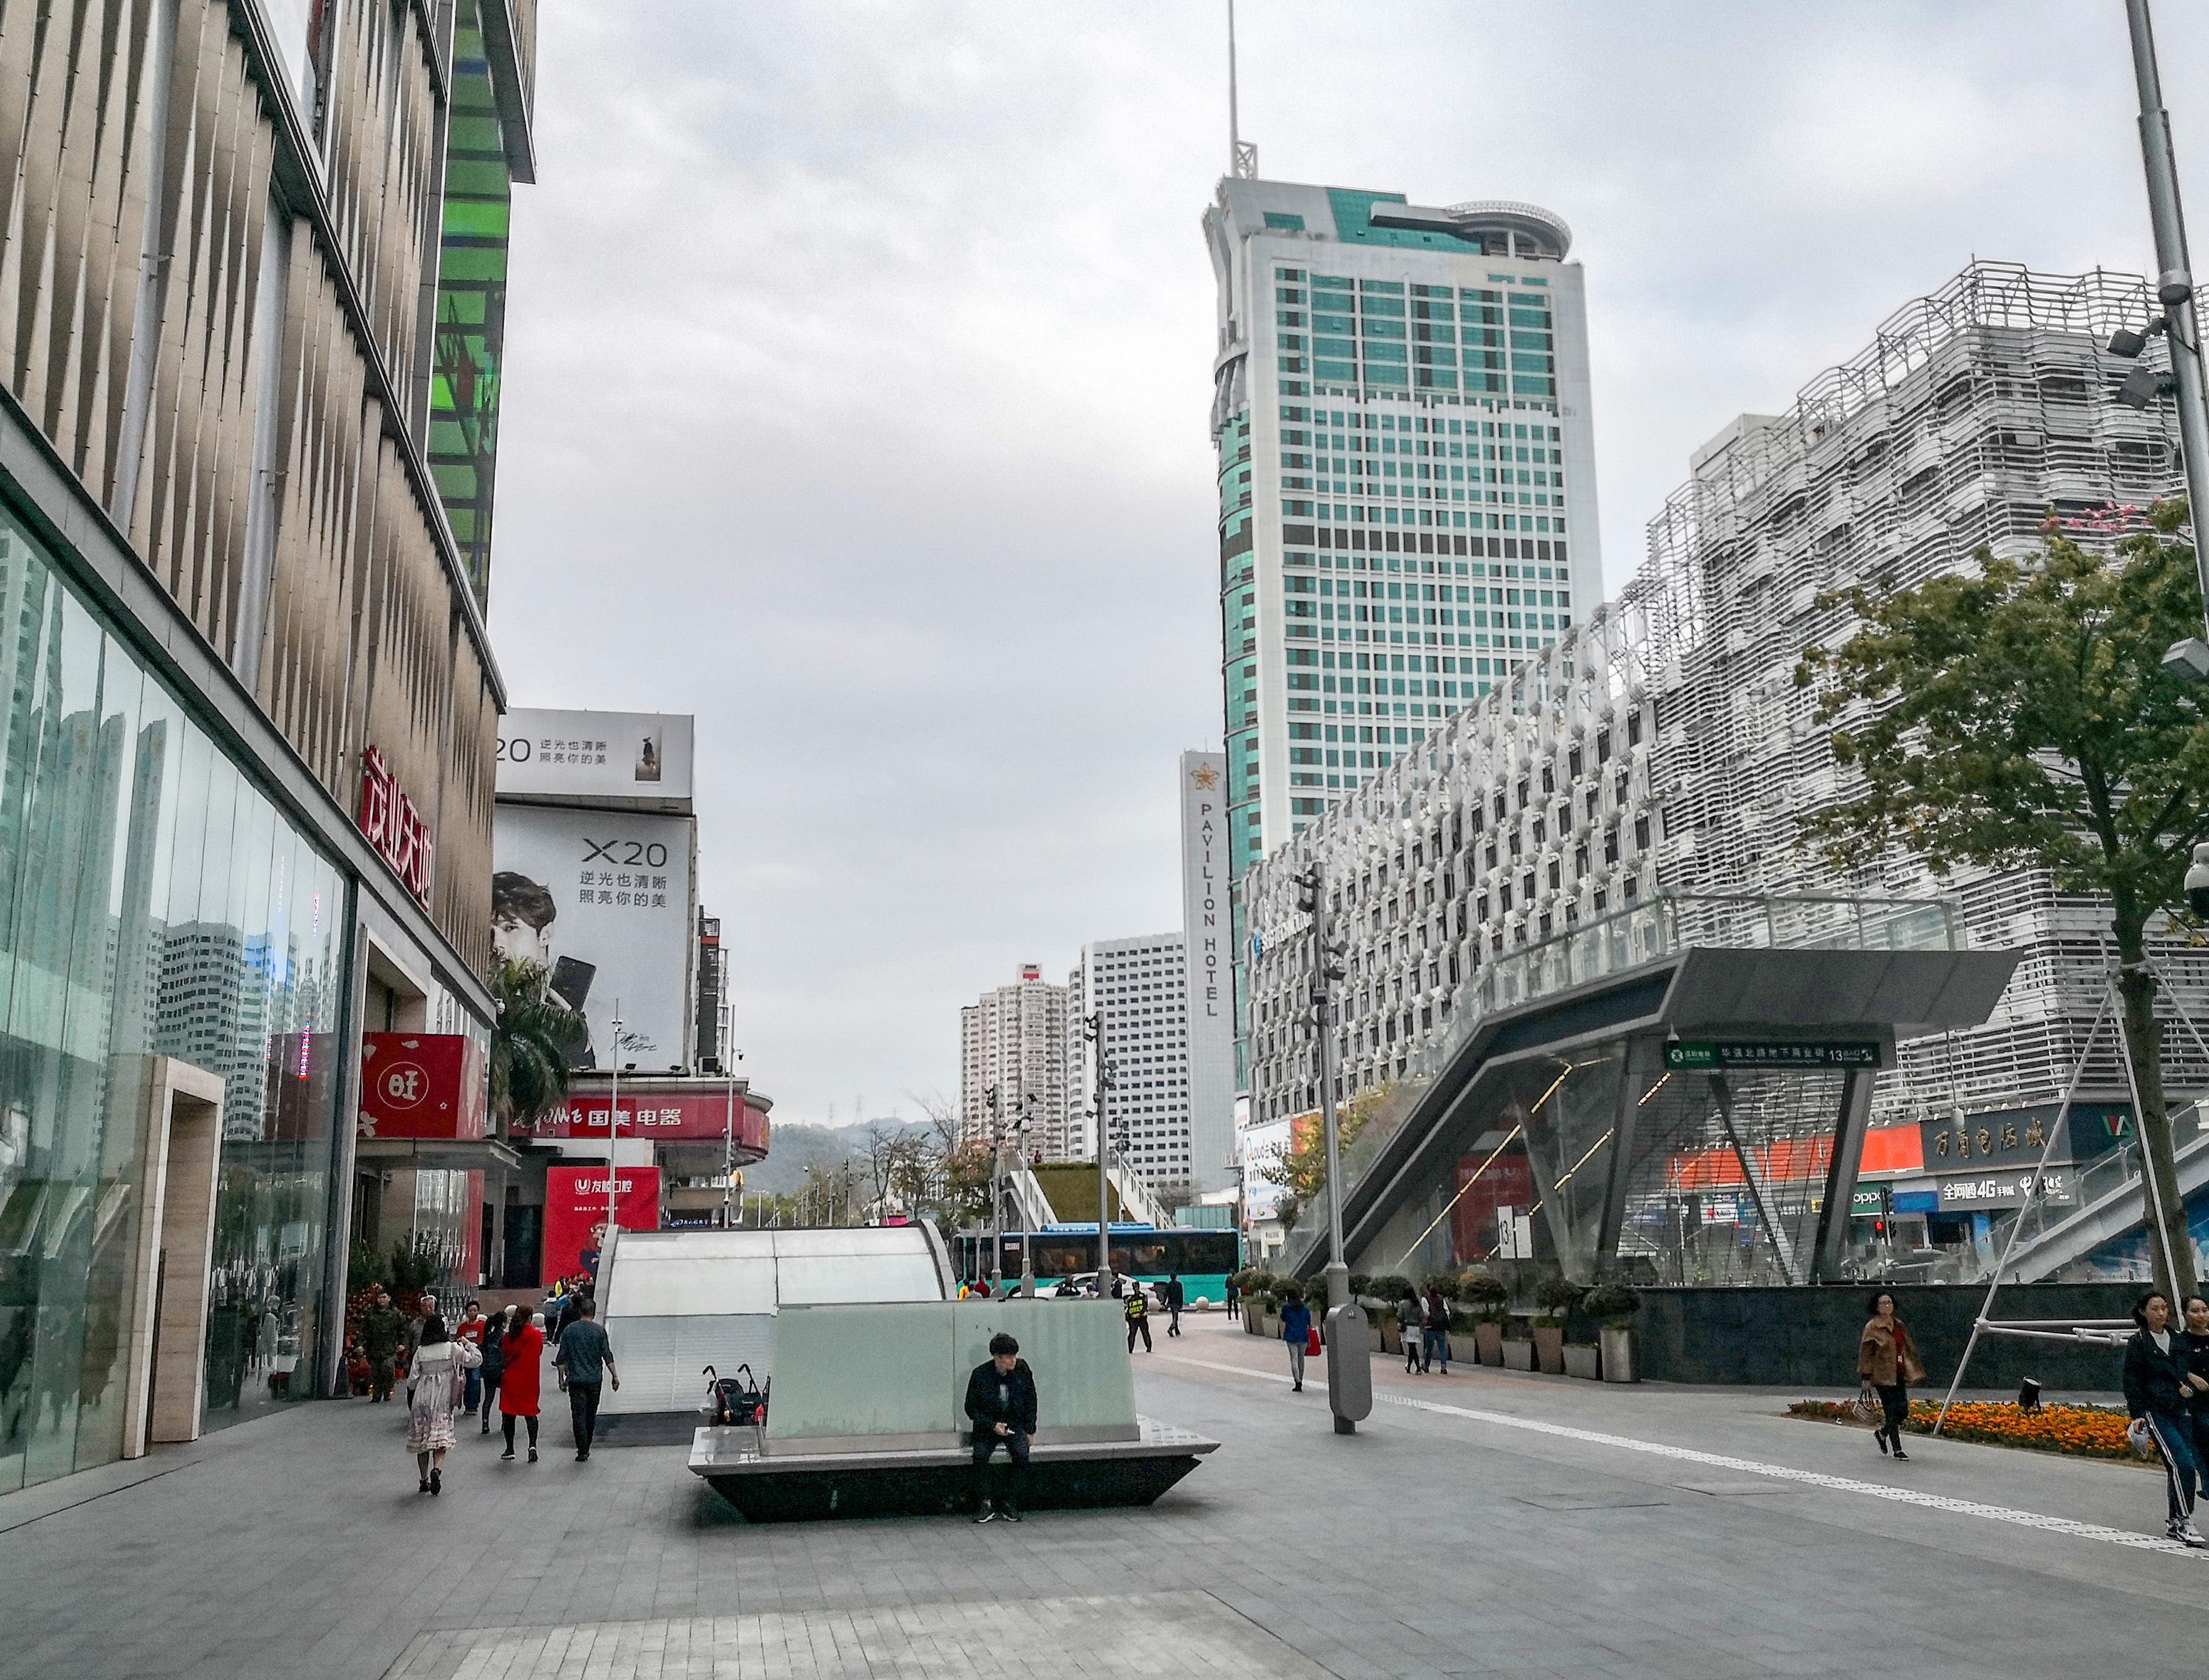 I en av bydelene i Shenzhen er det satt opp et avansert kamerasystem med ansiktsgjenkjenning. Går du på rødt lys risikerer du å bli vist på storskjerm ved siden av gaten.